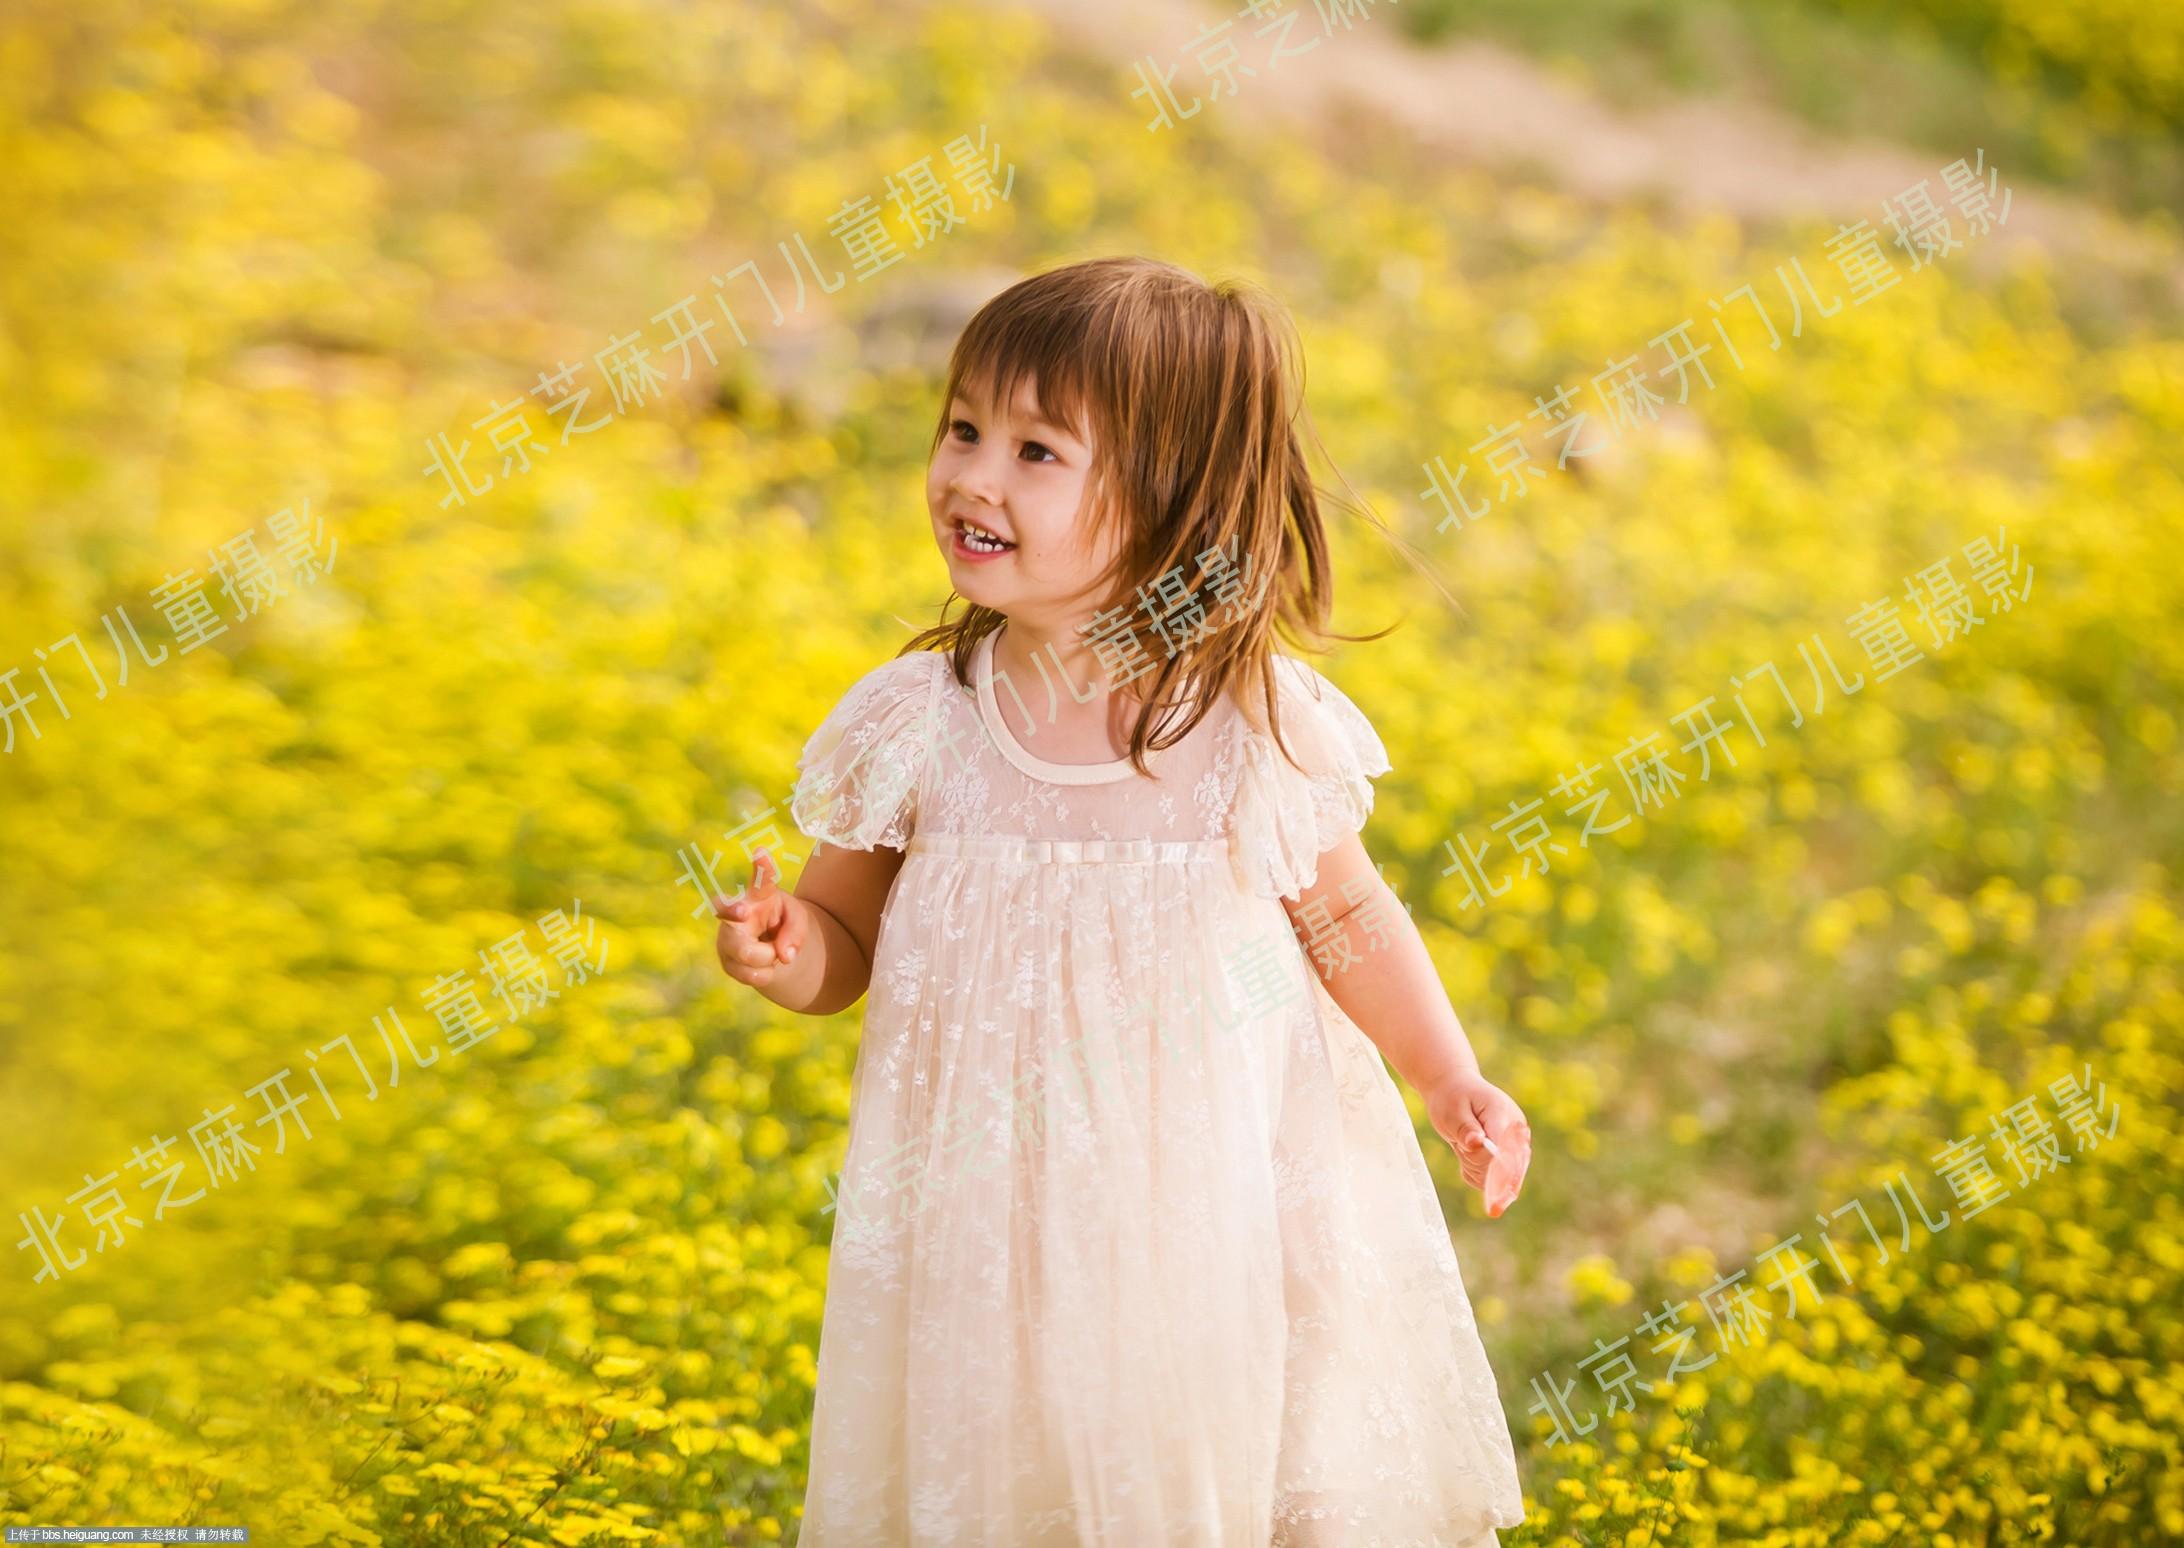 花儿朵朵-北京芝麻开门facememo儿童摄影作品